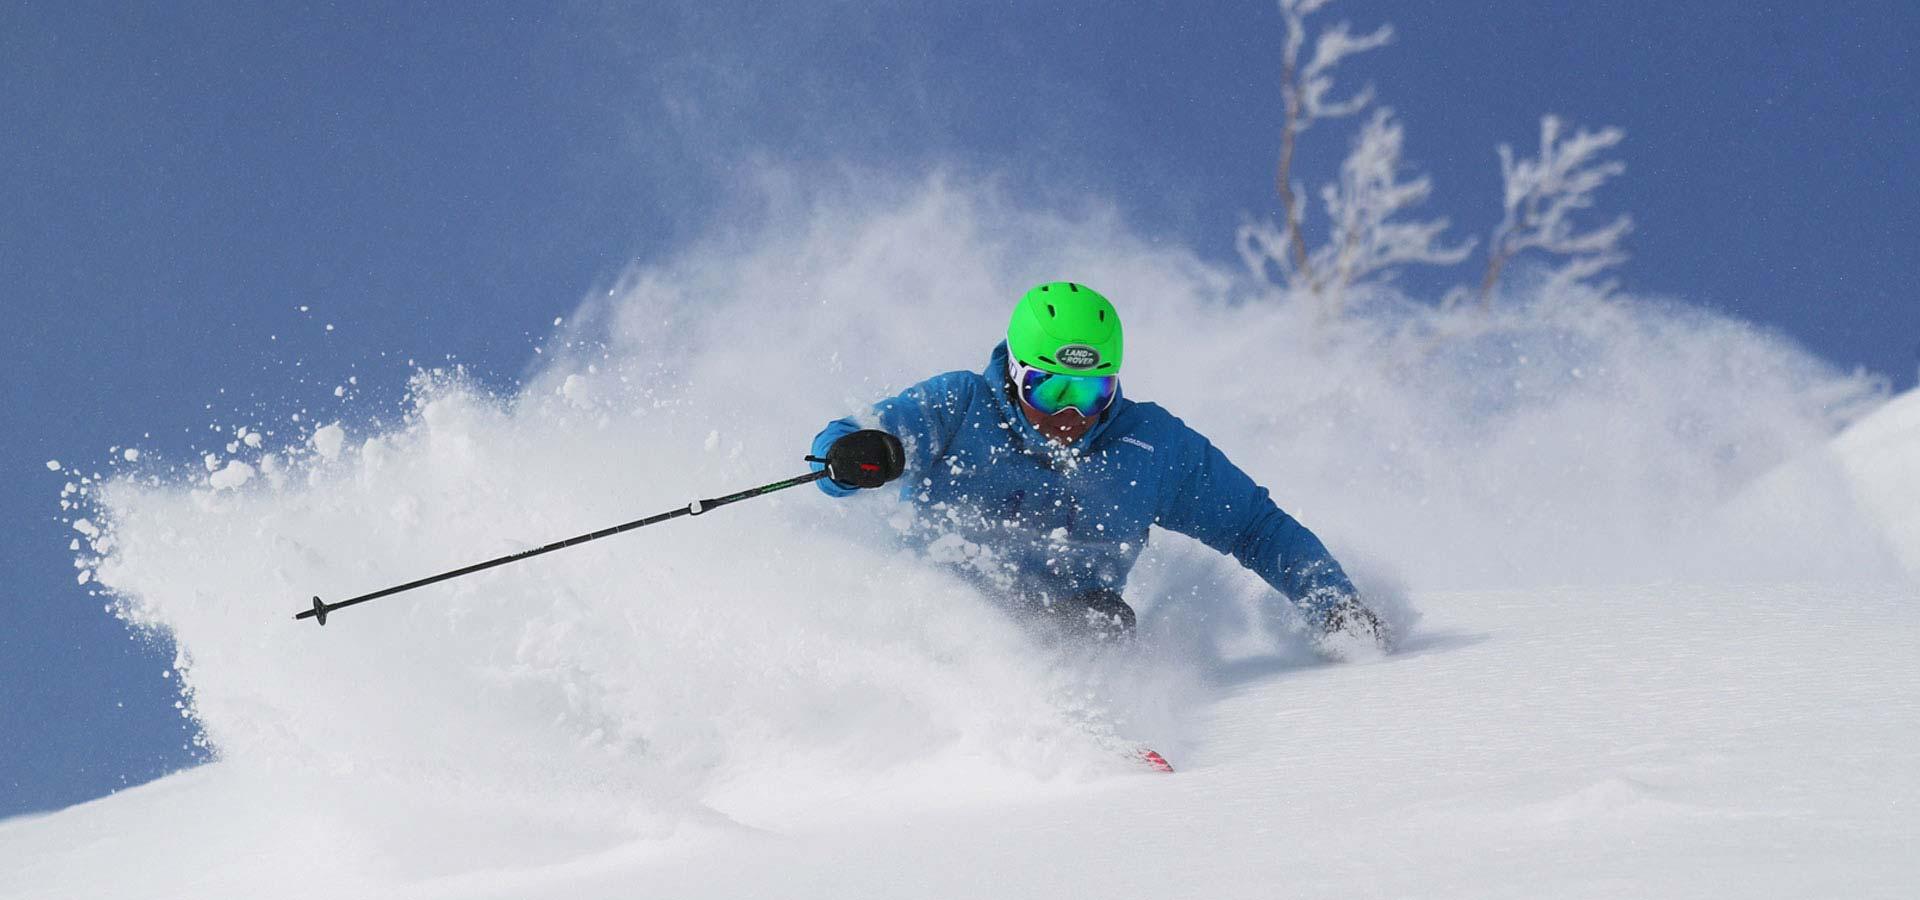 후라노 스키장